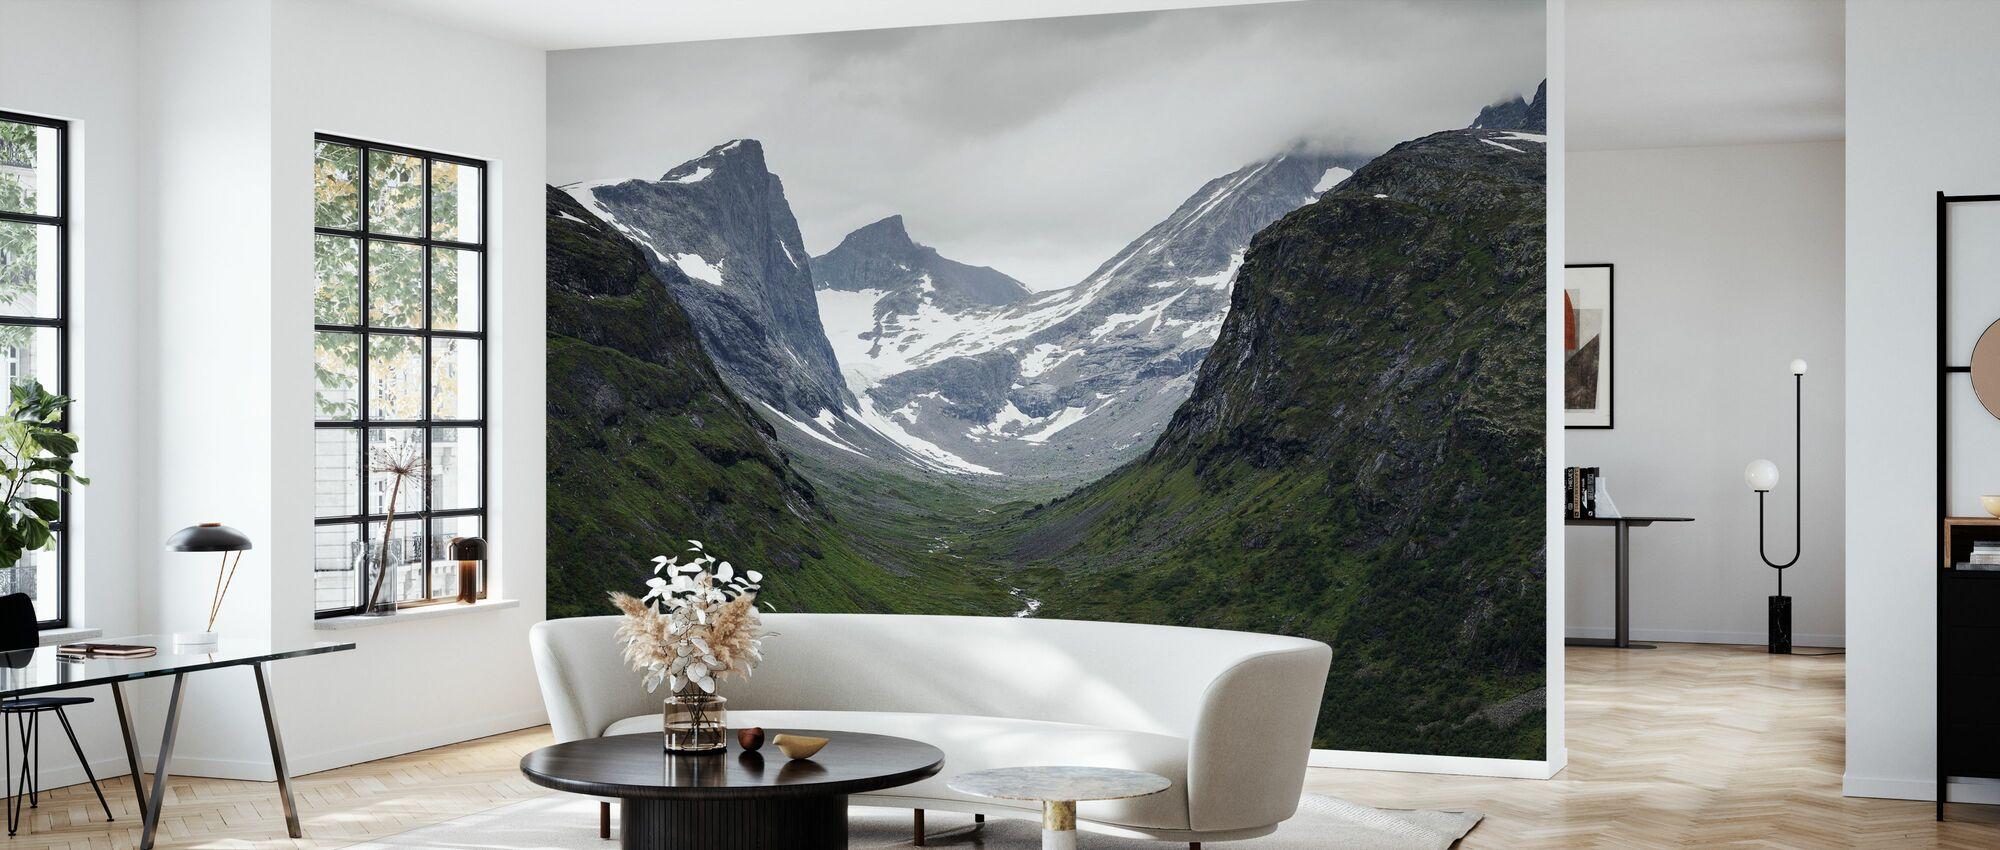 Jotunheimen, Norwegen - Tapete - Wohnzimmer